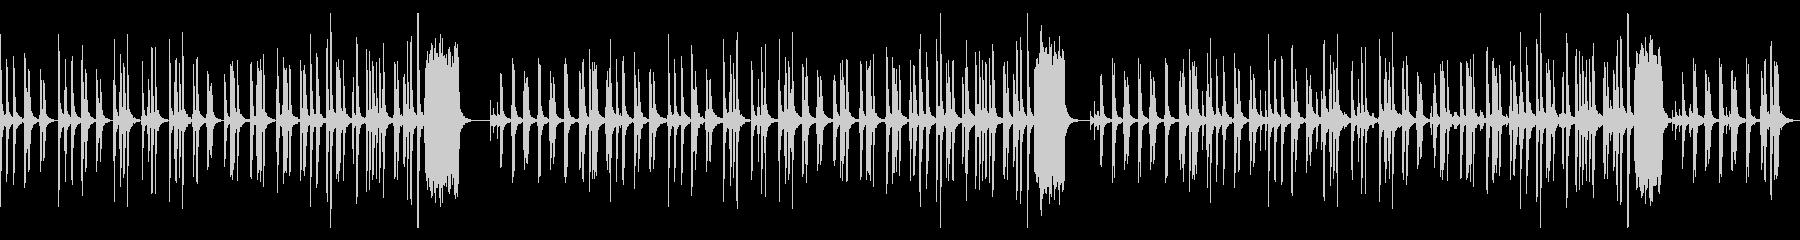 のらりくらりなBGM_犬・牧場・お昼寝の未再生の波形